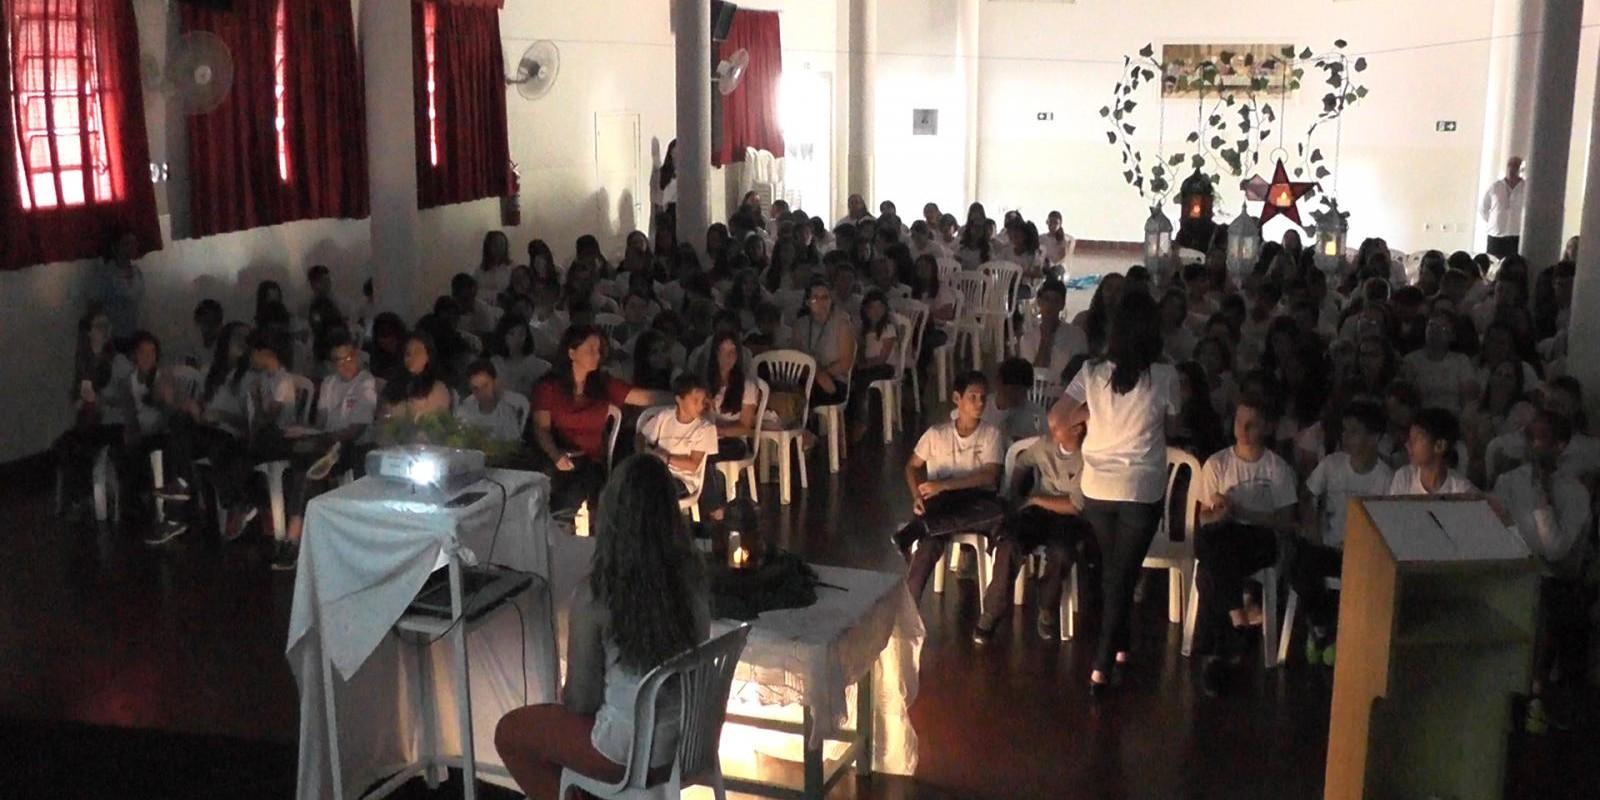 Escola promove evento ecumênico em comemoração a Páscoa